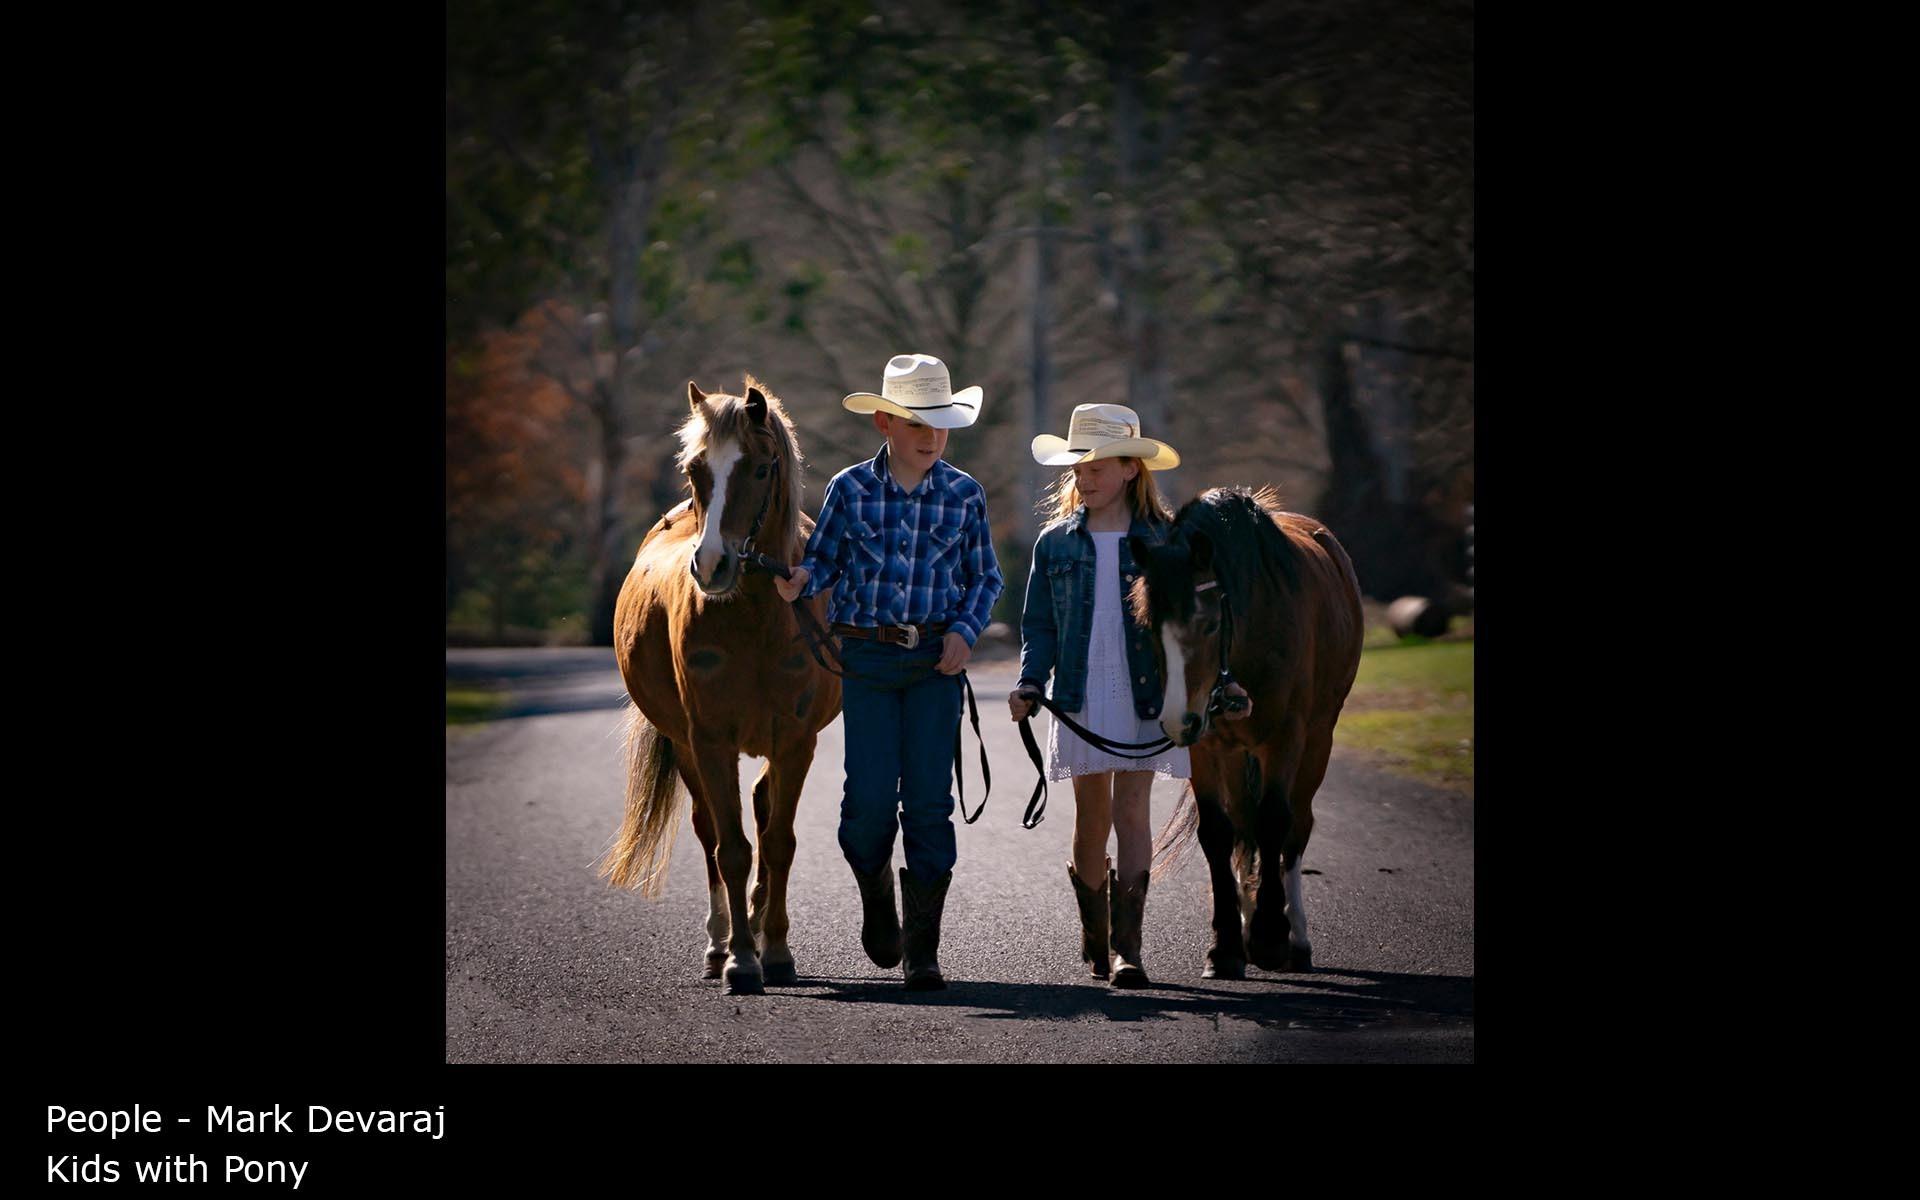 Kids with Pony - Mark Devaraj